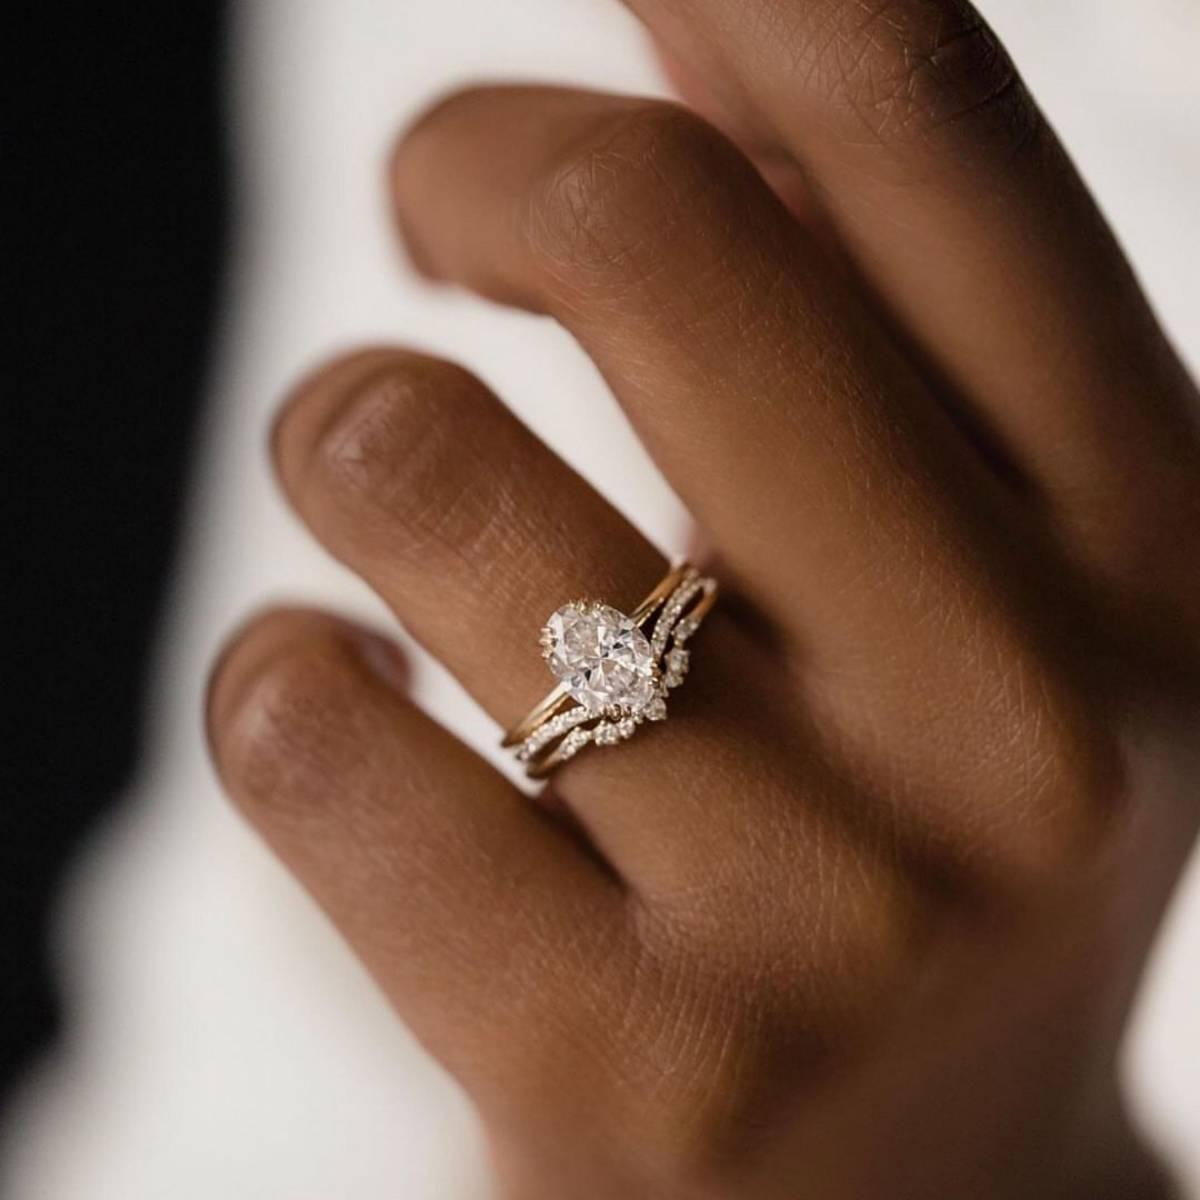 Jewels by Christiaan Van Bignoot - House of Weddings - 11